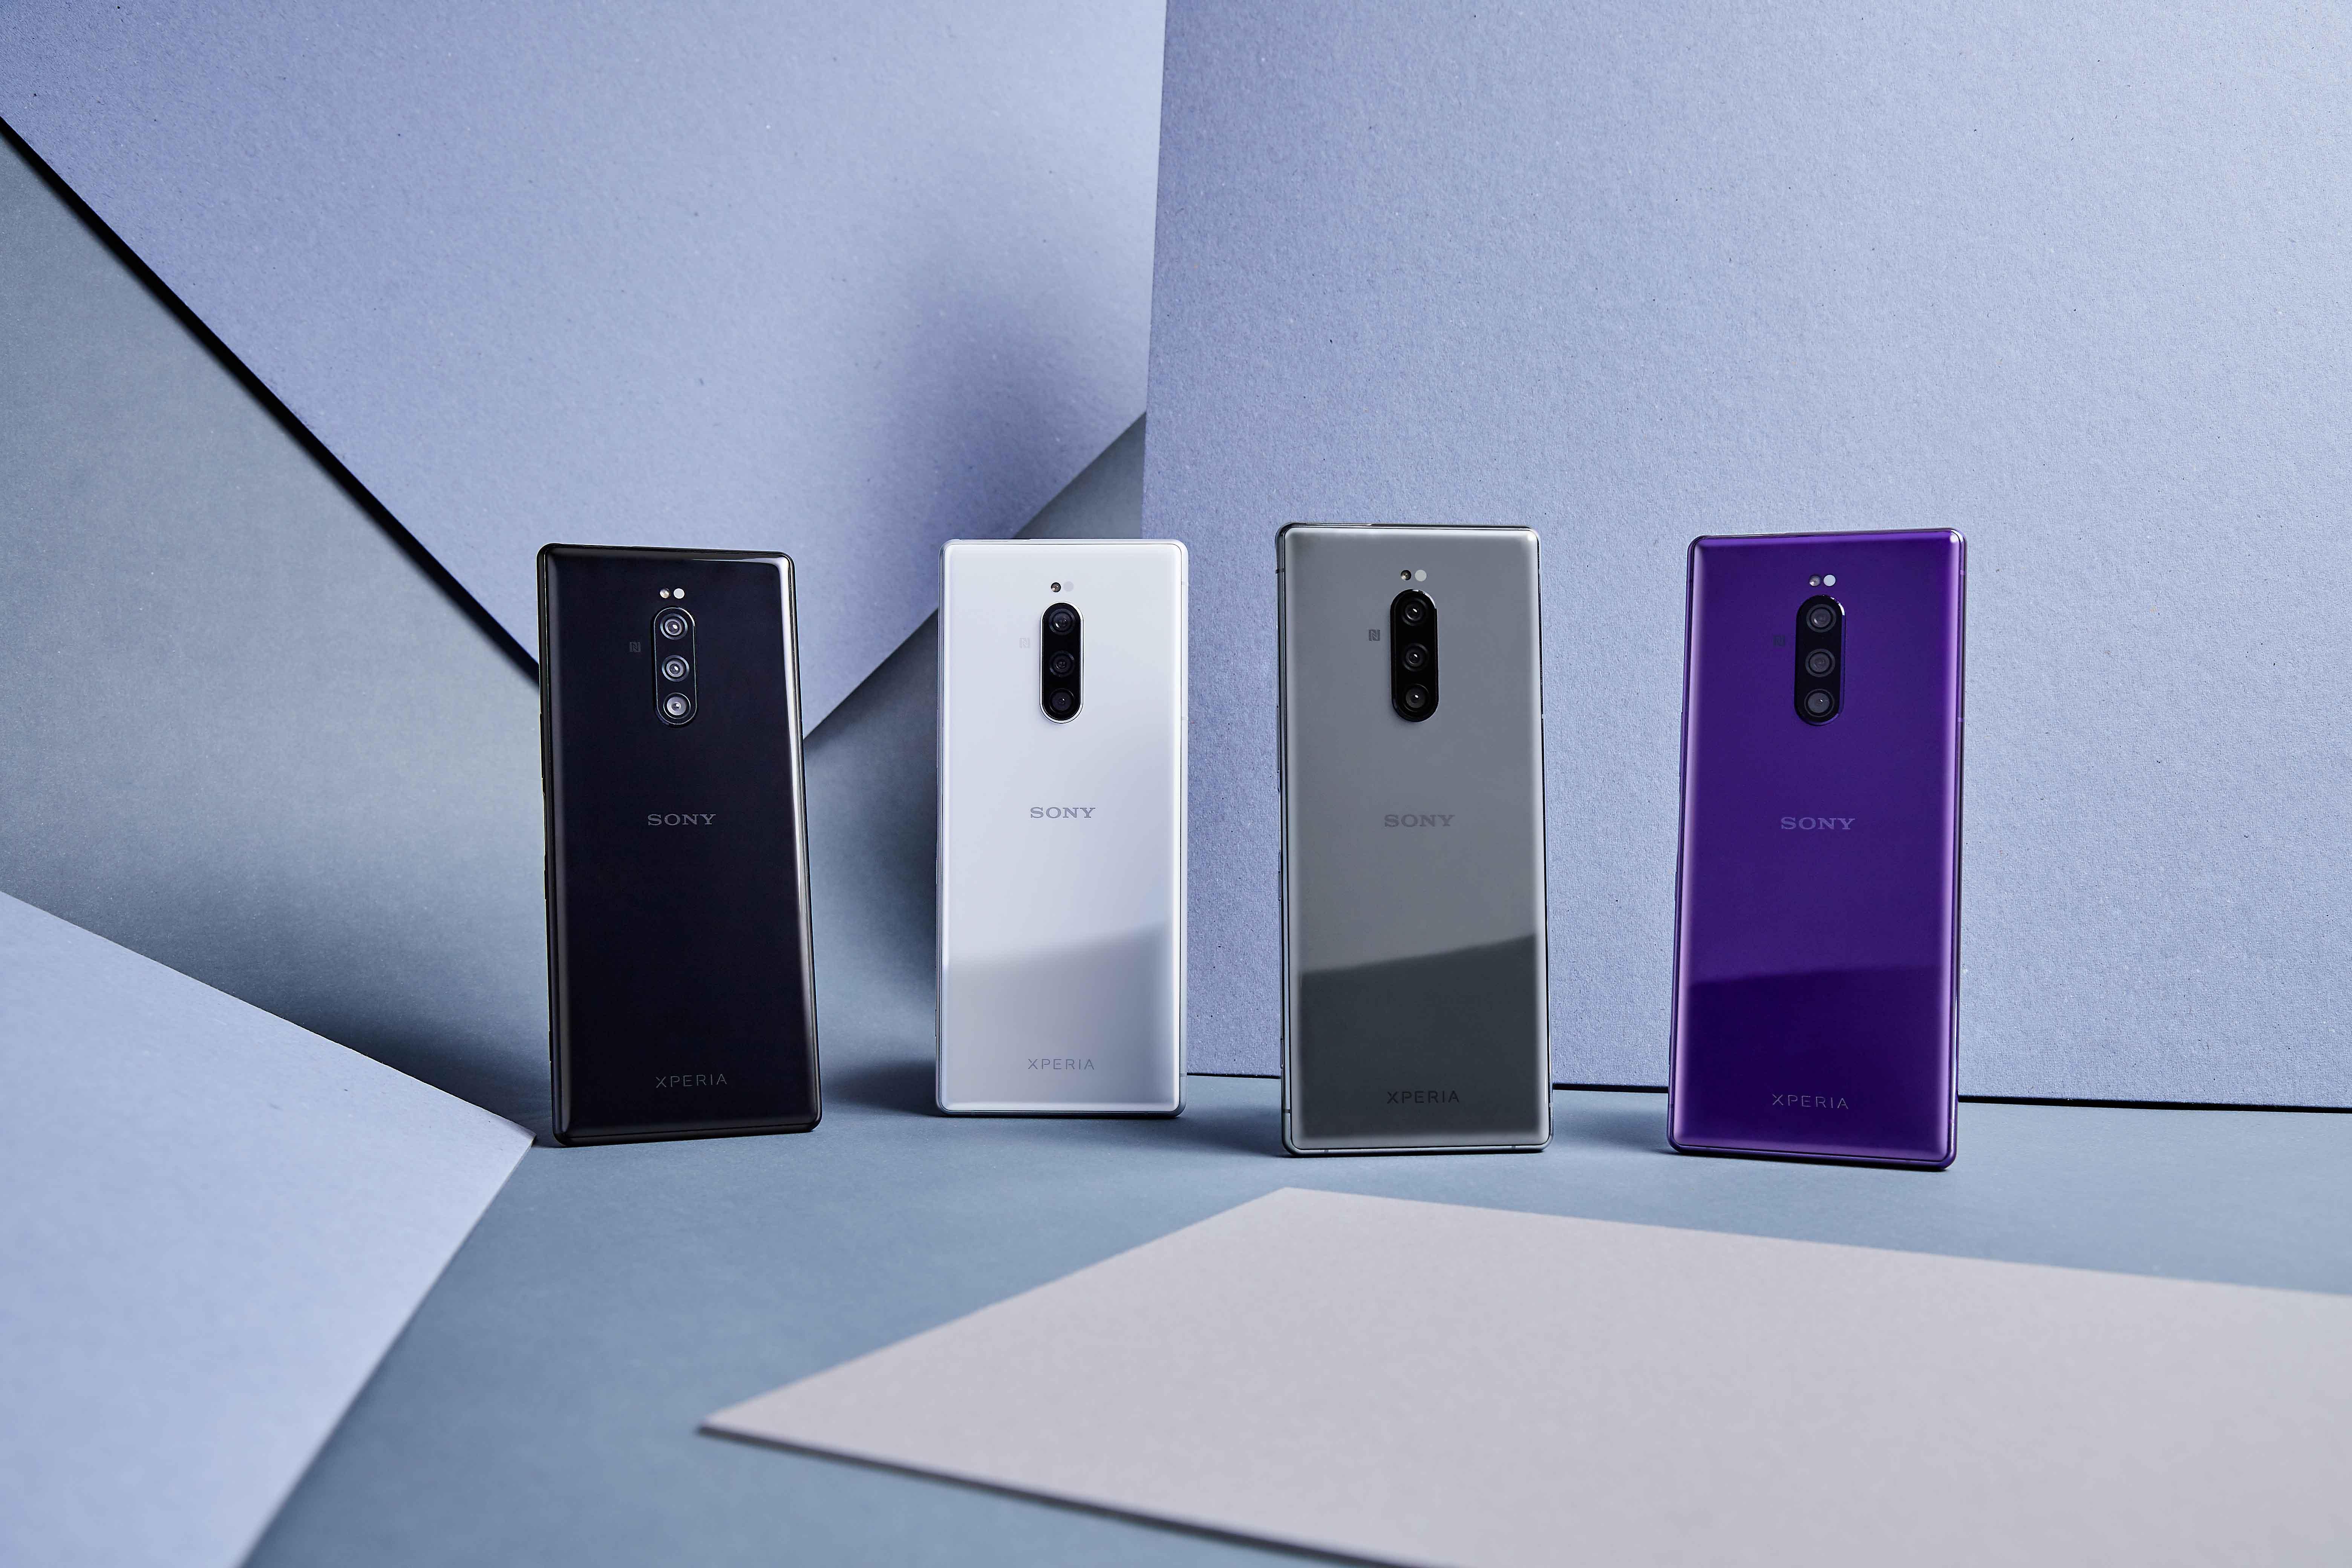 Sony Mobile自0716起祭出多項優惠活動,還有分期零利率、兩年保固,讓消費者輕鬆購入Xperia 1